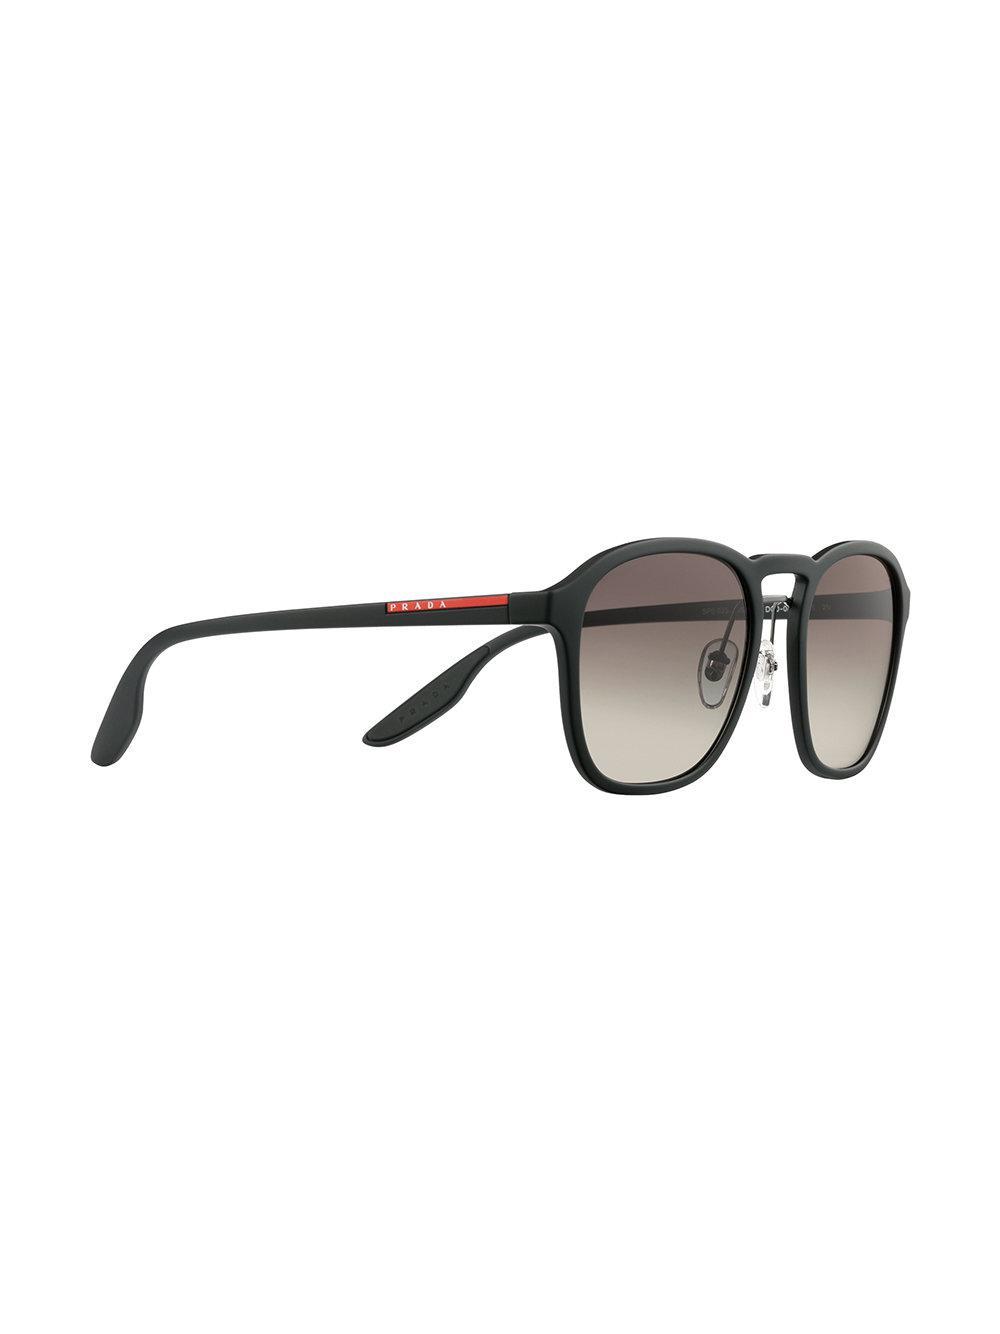 805d8d55227 Prada Linea Rossa Wayfarer Sunglasses in Black for Men - Lyst